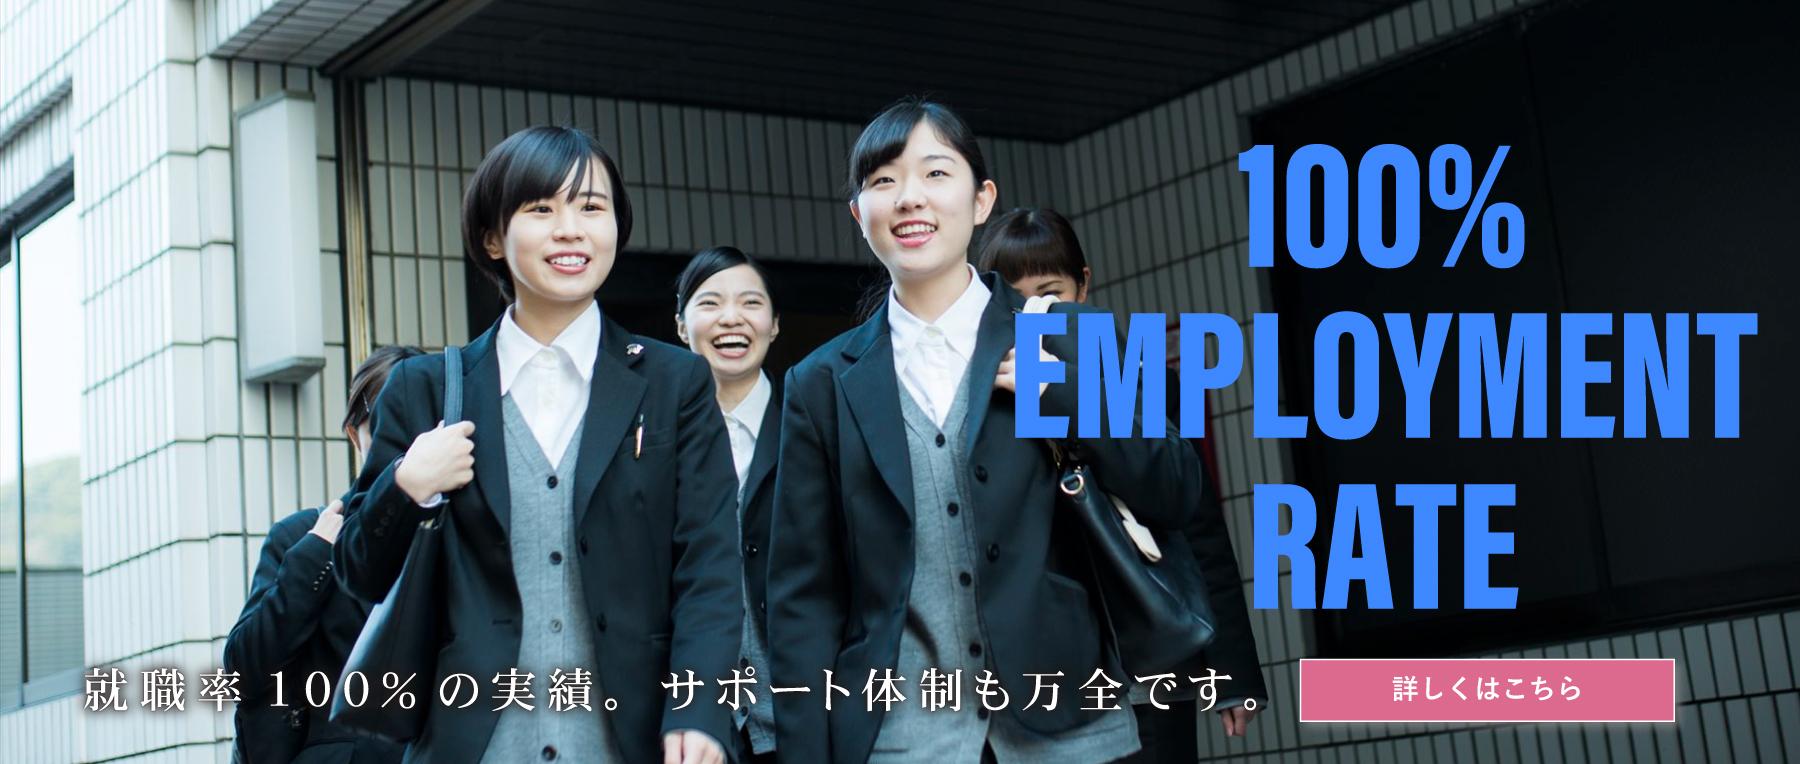 長崎歯科衛生士専門学校就職率100%の実績